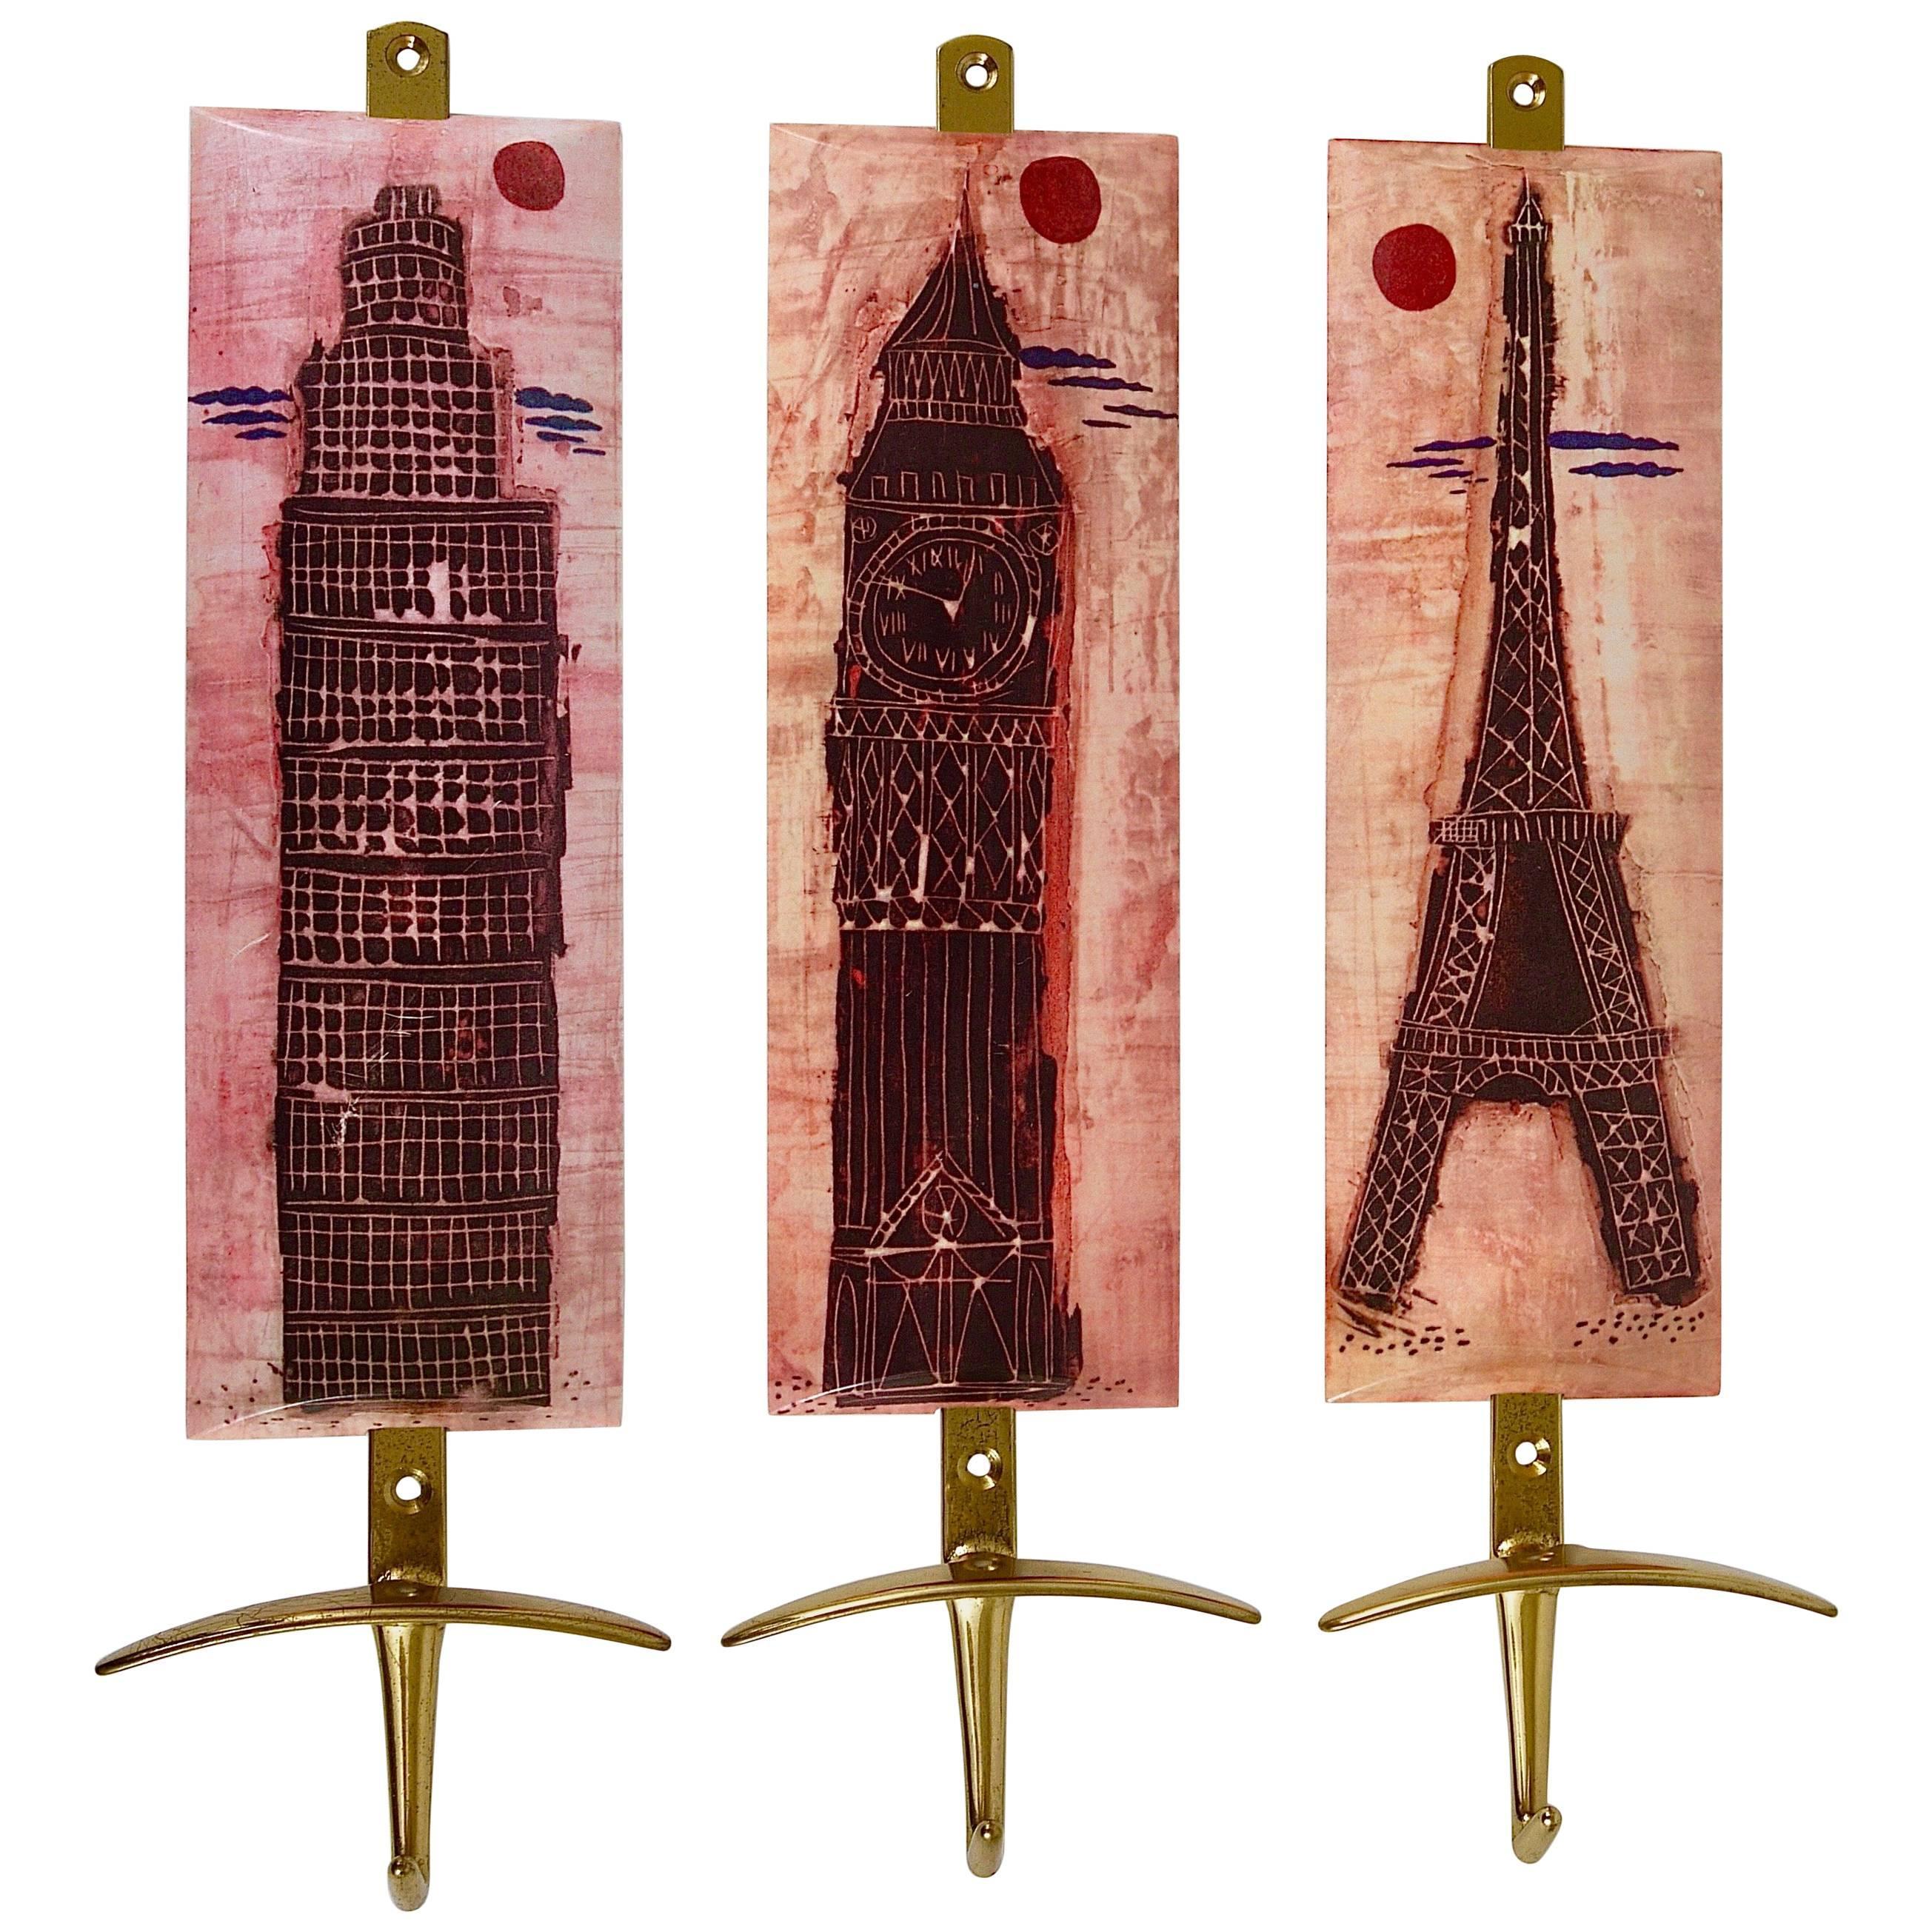 Set of Three Mid-Century Brass Coat Wall Hooks, Italy, 1960s